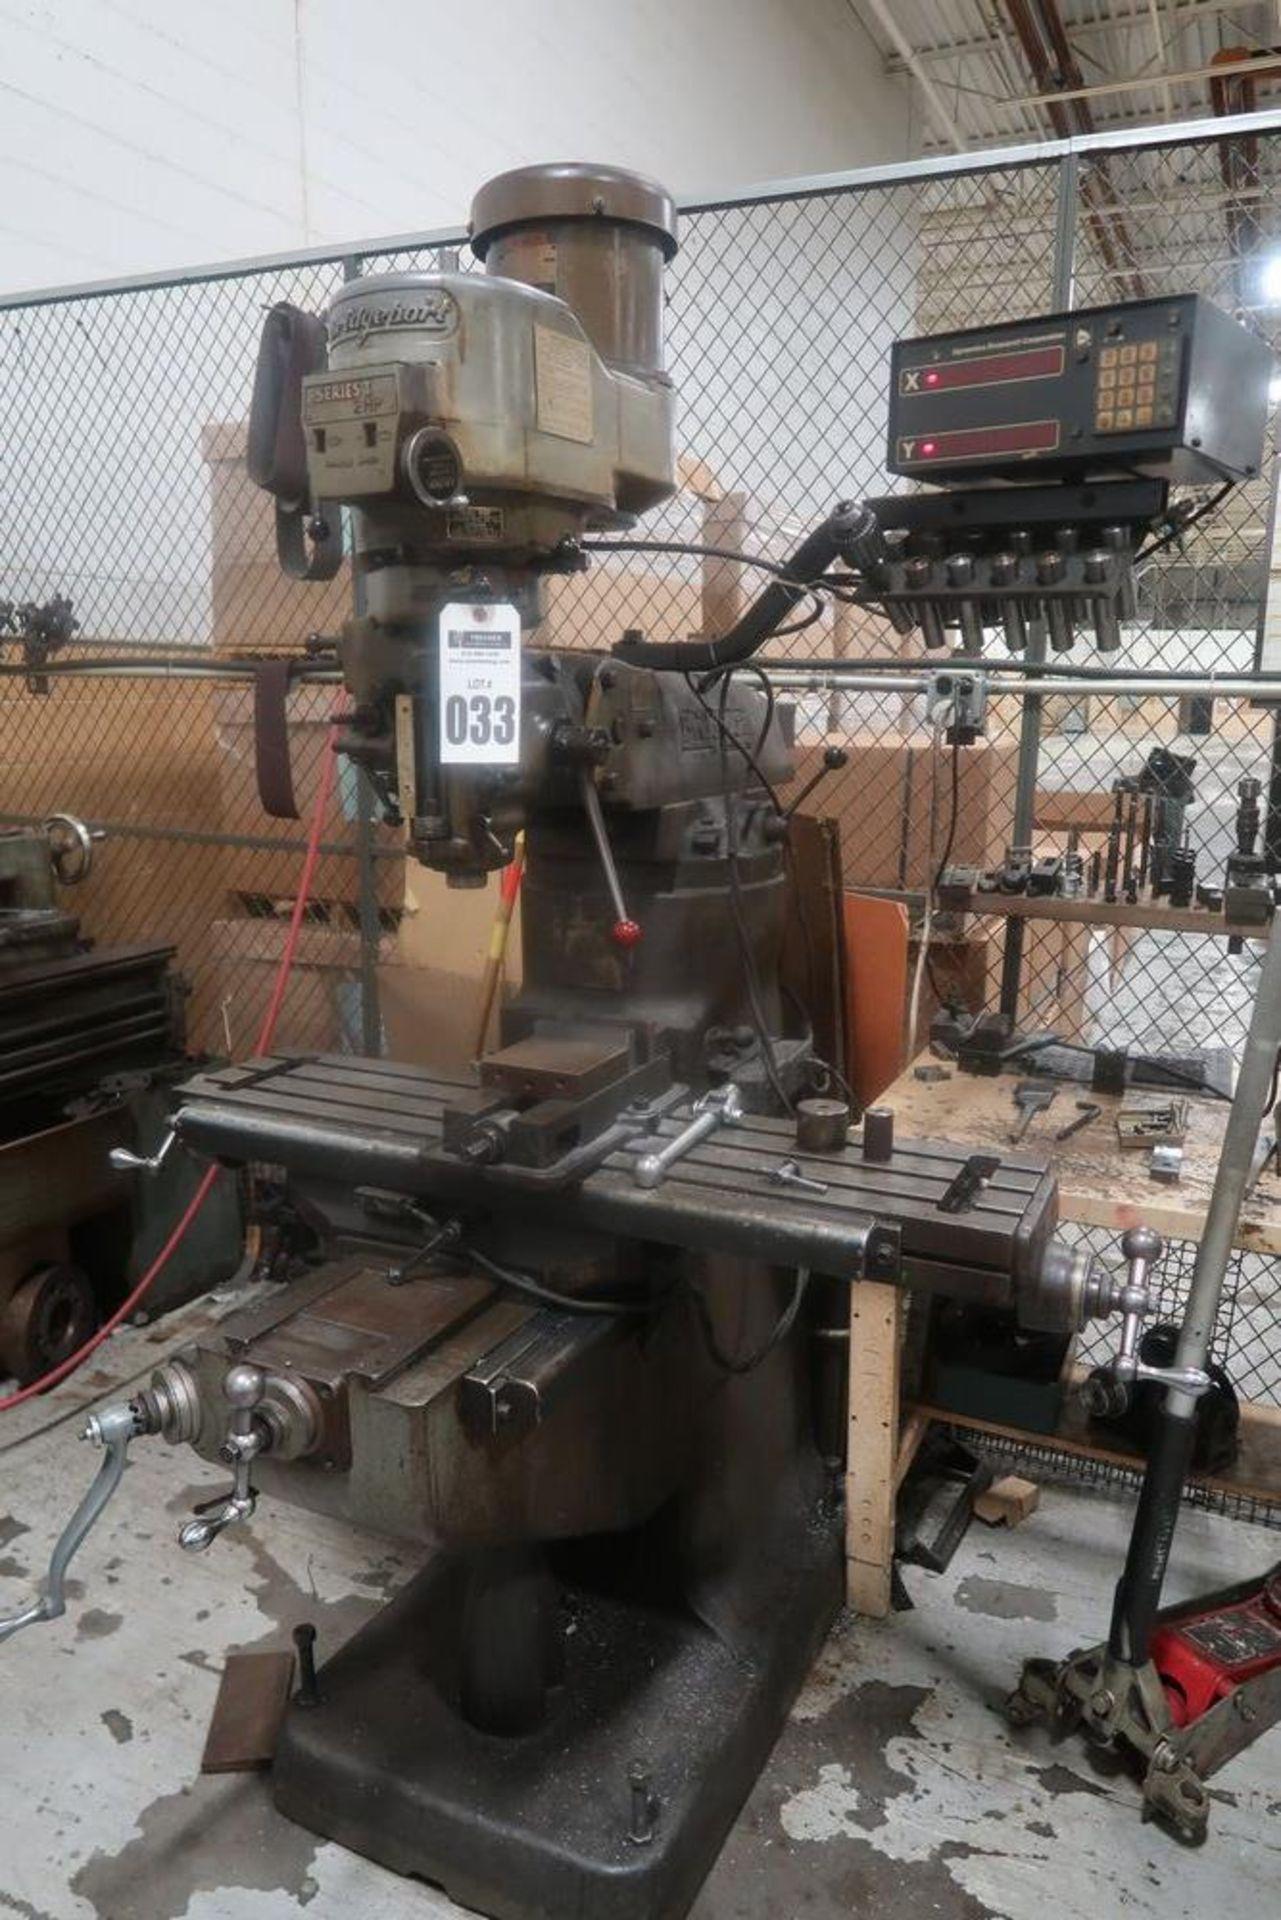 Lot 33 - Bridgeport Ram Type Vertical Mill, 2 HP, S/N 223866